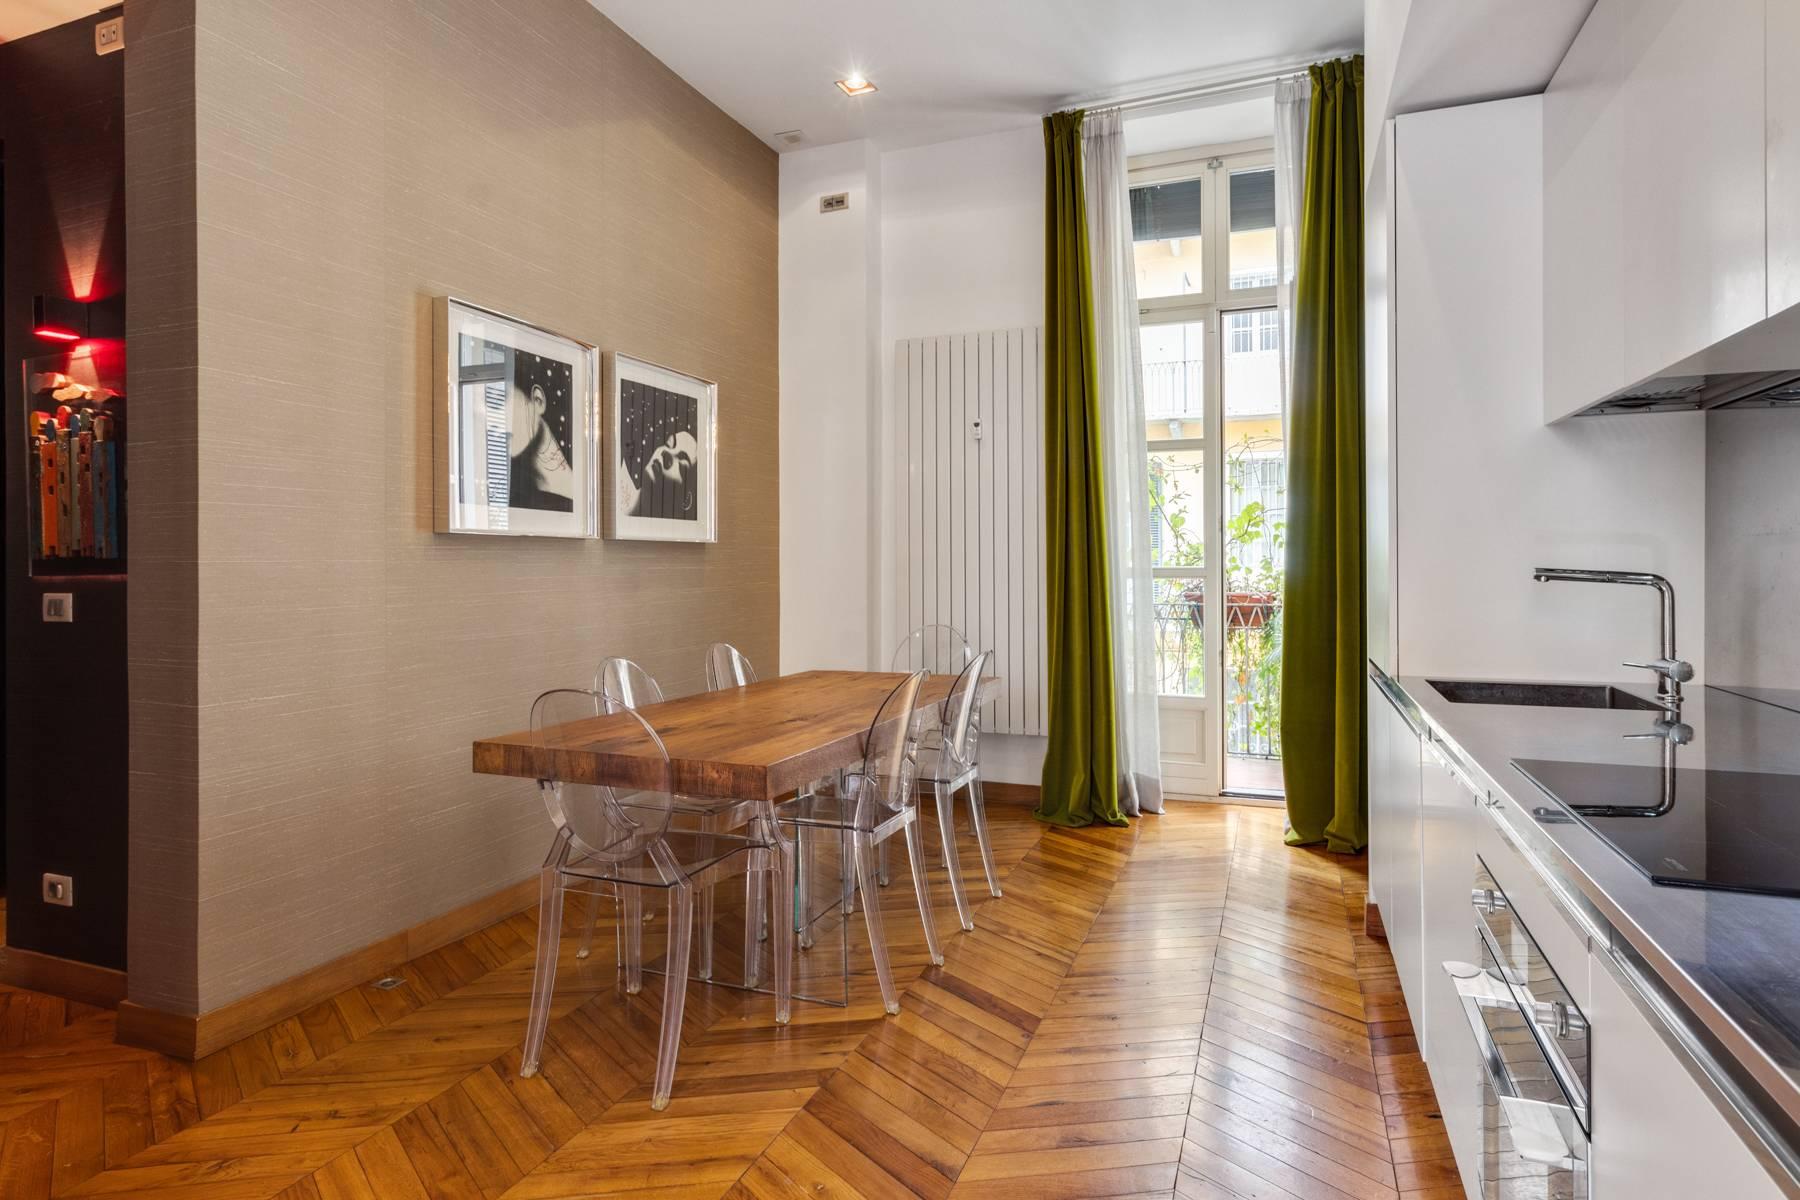 Appartamento in Vendita a Torino: 4 locali, 118 mq - Foto 3